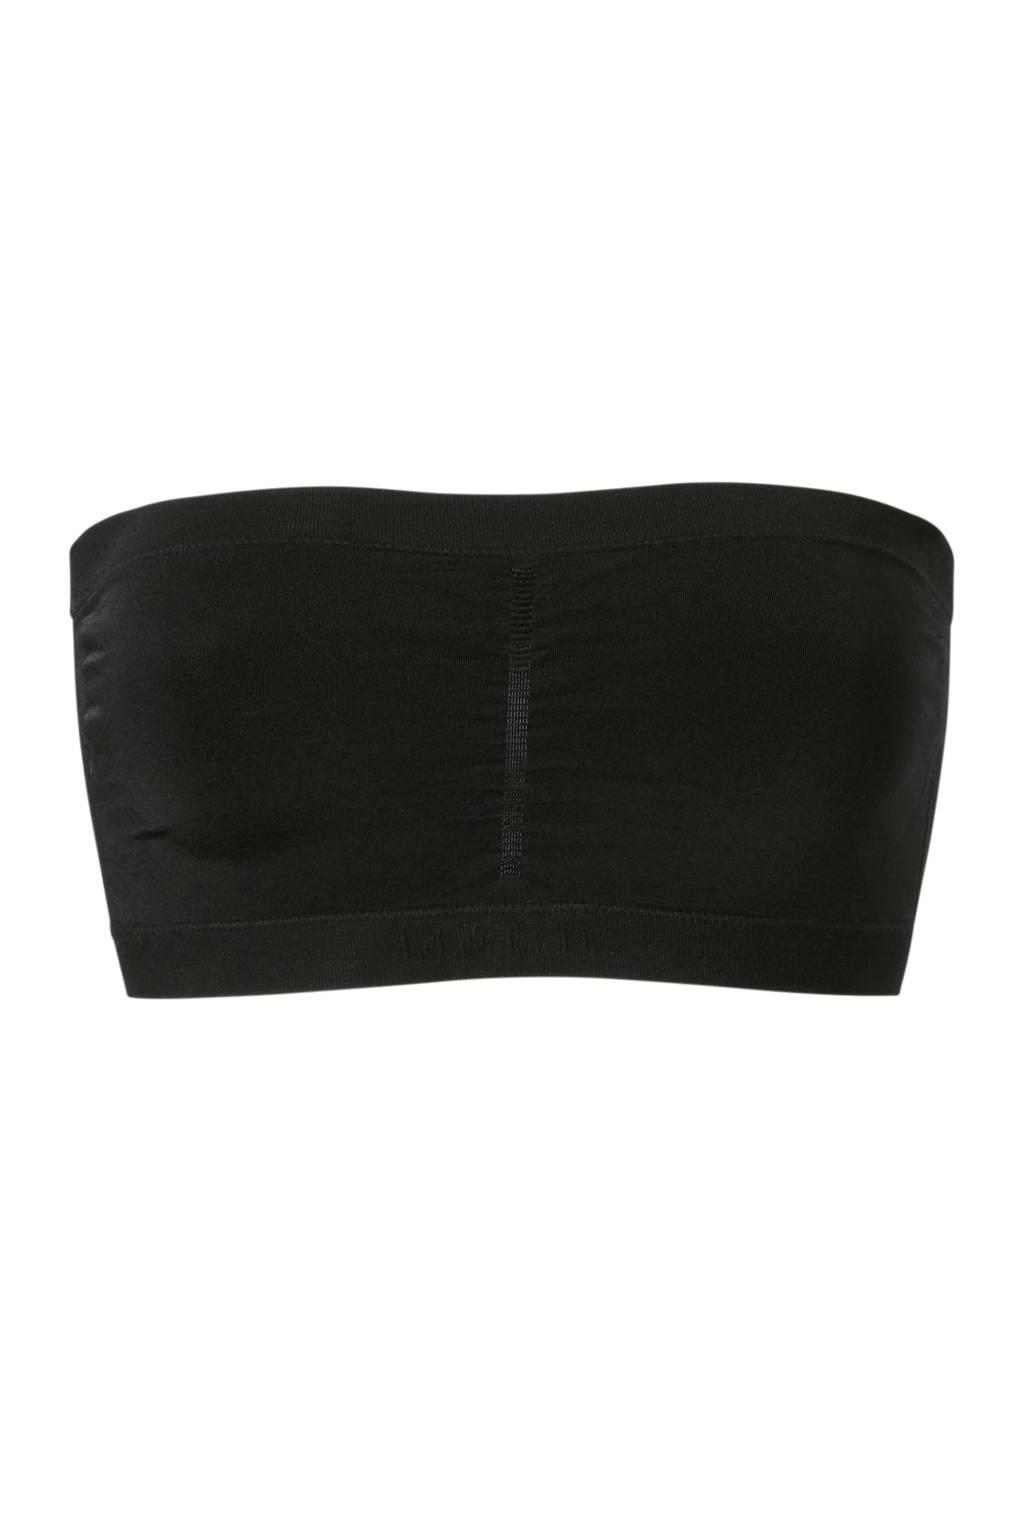 MAGIC Bodyfashion bandeau bh zwart, Zwart